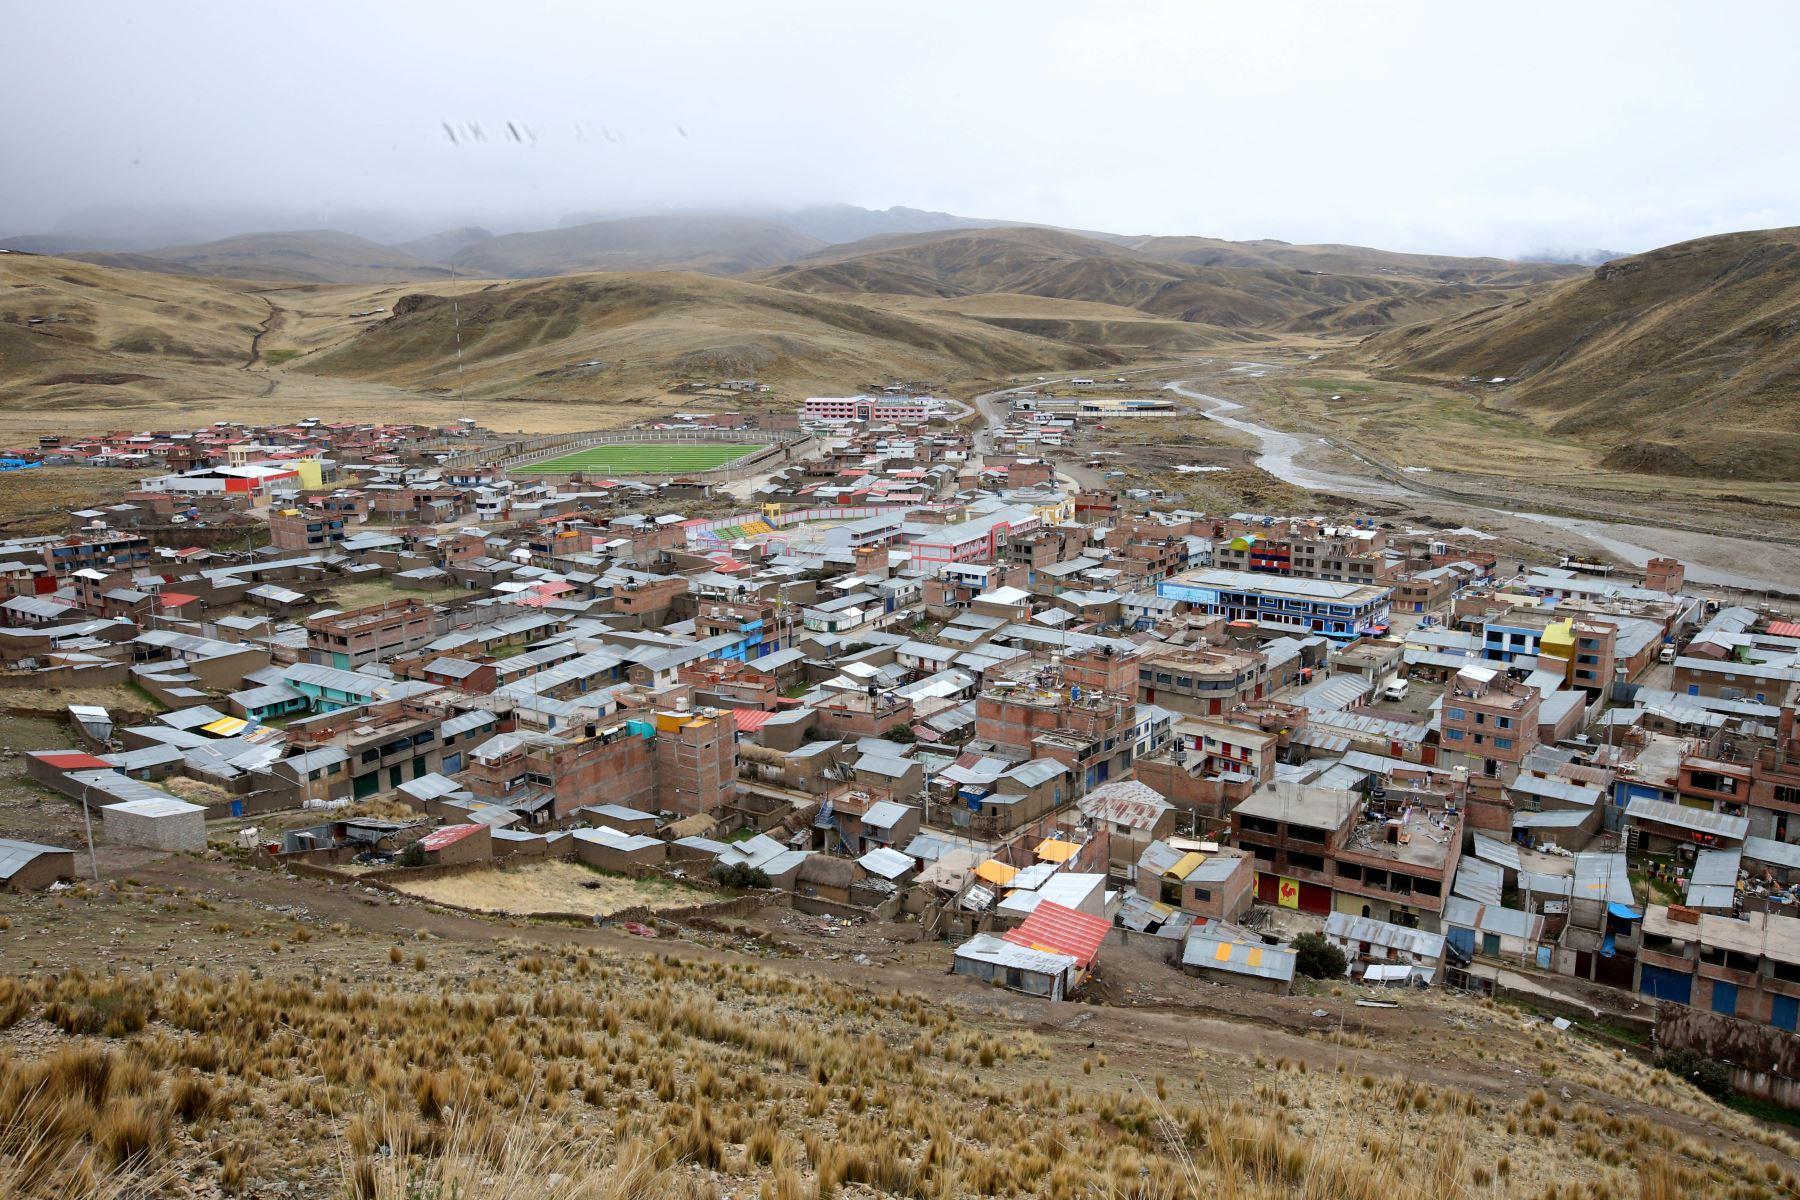 El distrito de Antauta,  Provincia de Juliaca Región - Puno.Esta más de 4,000 metros sobre el nivel del mar.  Foto: ANDINA/Vidal Tarqui